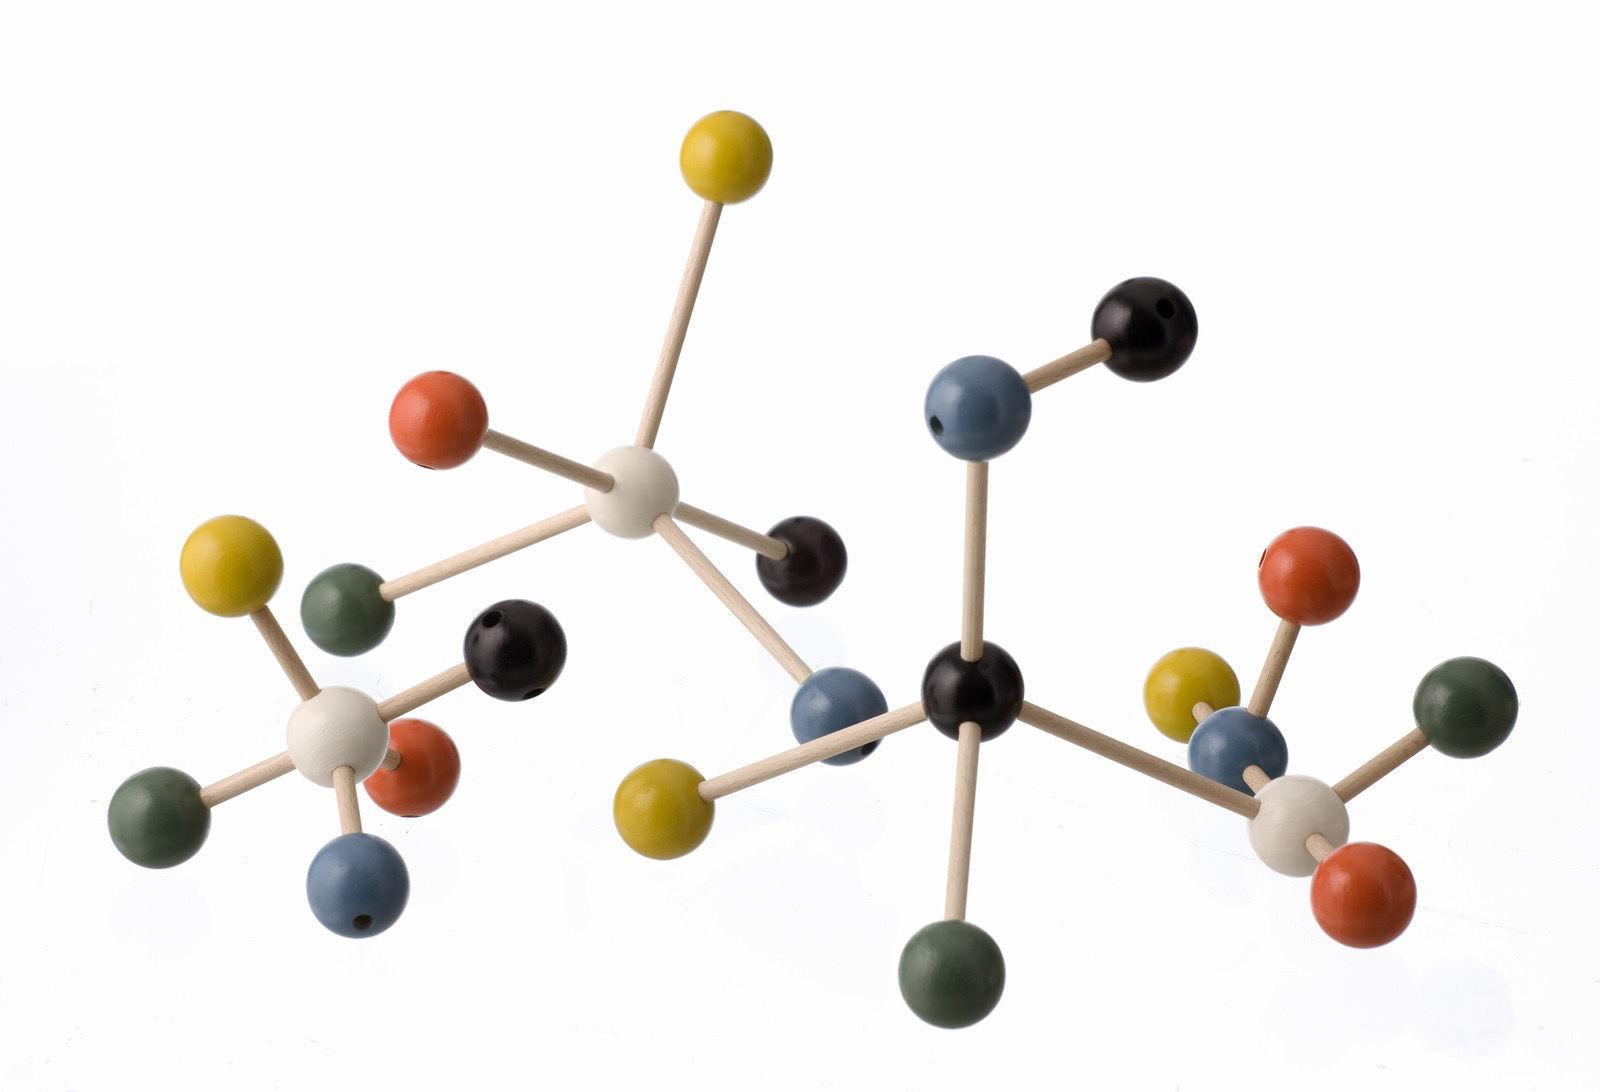 Dekoration - Spaßig und ausgefallen - Molecule Building set Baukasten - Ferm Living - Holzstäbchen - Kugeln in 6 Farben - Holz